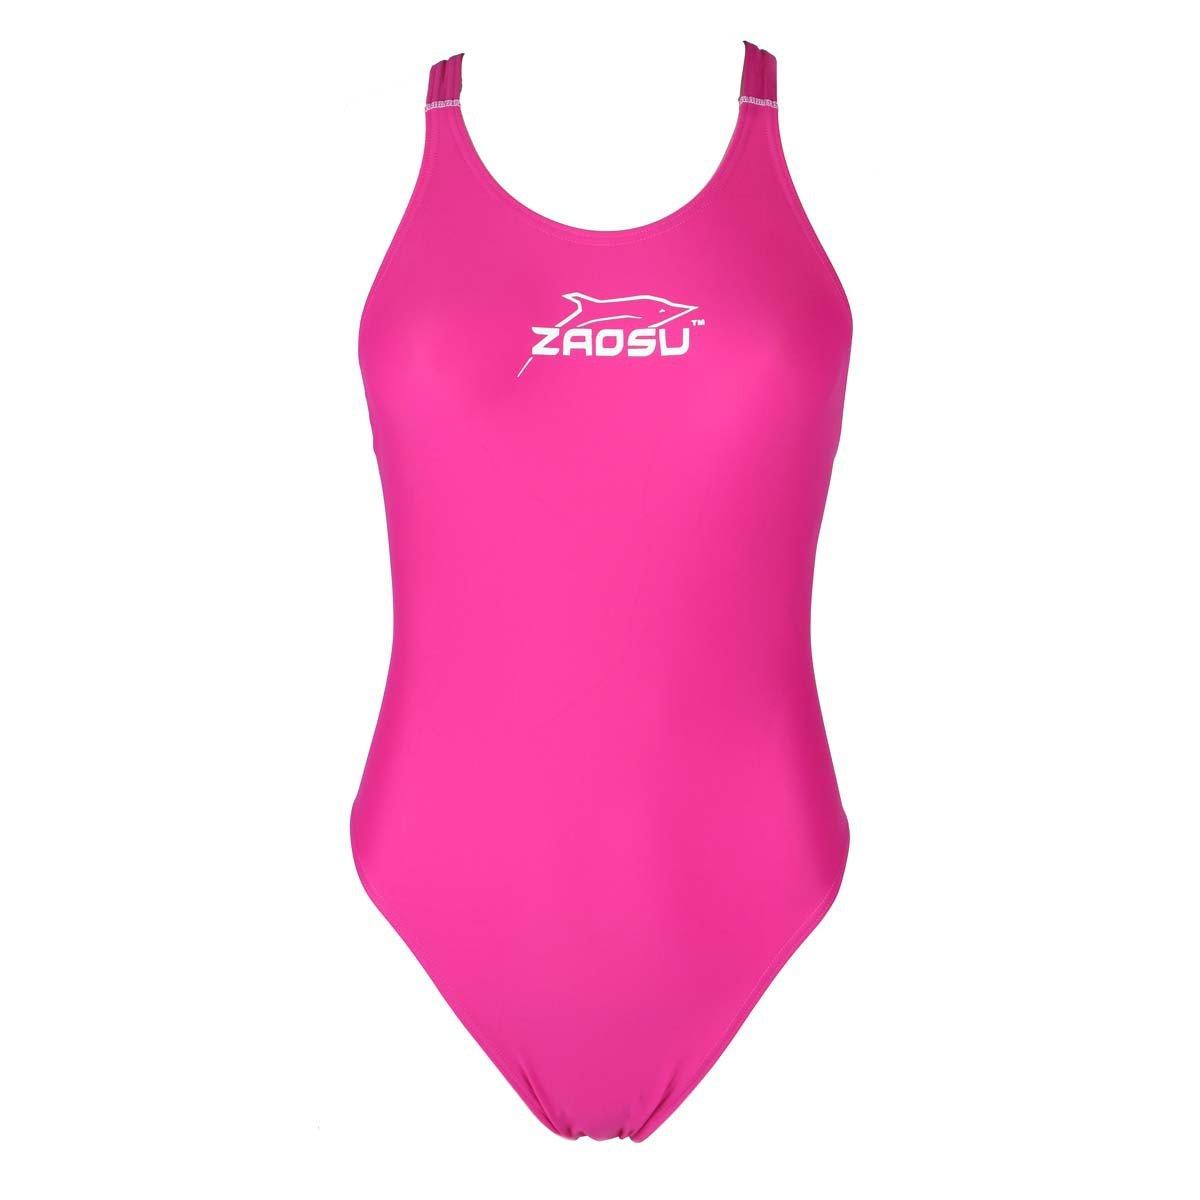 82cd52c0e1 ZAOSU Maillot de bain d'entraînement Z-rose pour Femmes et Filles - 104:  Amazon.ca: Sports & Outdoors